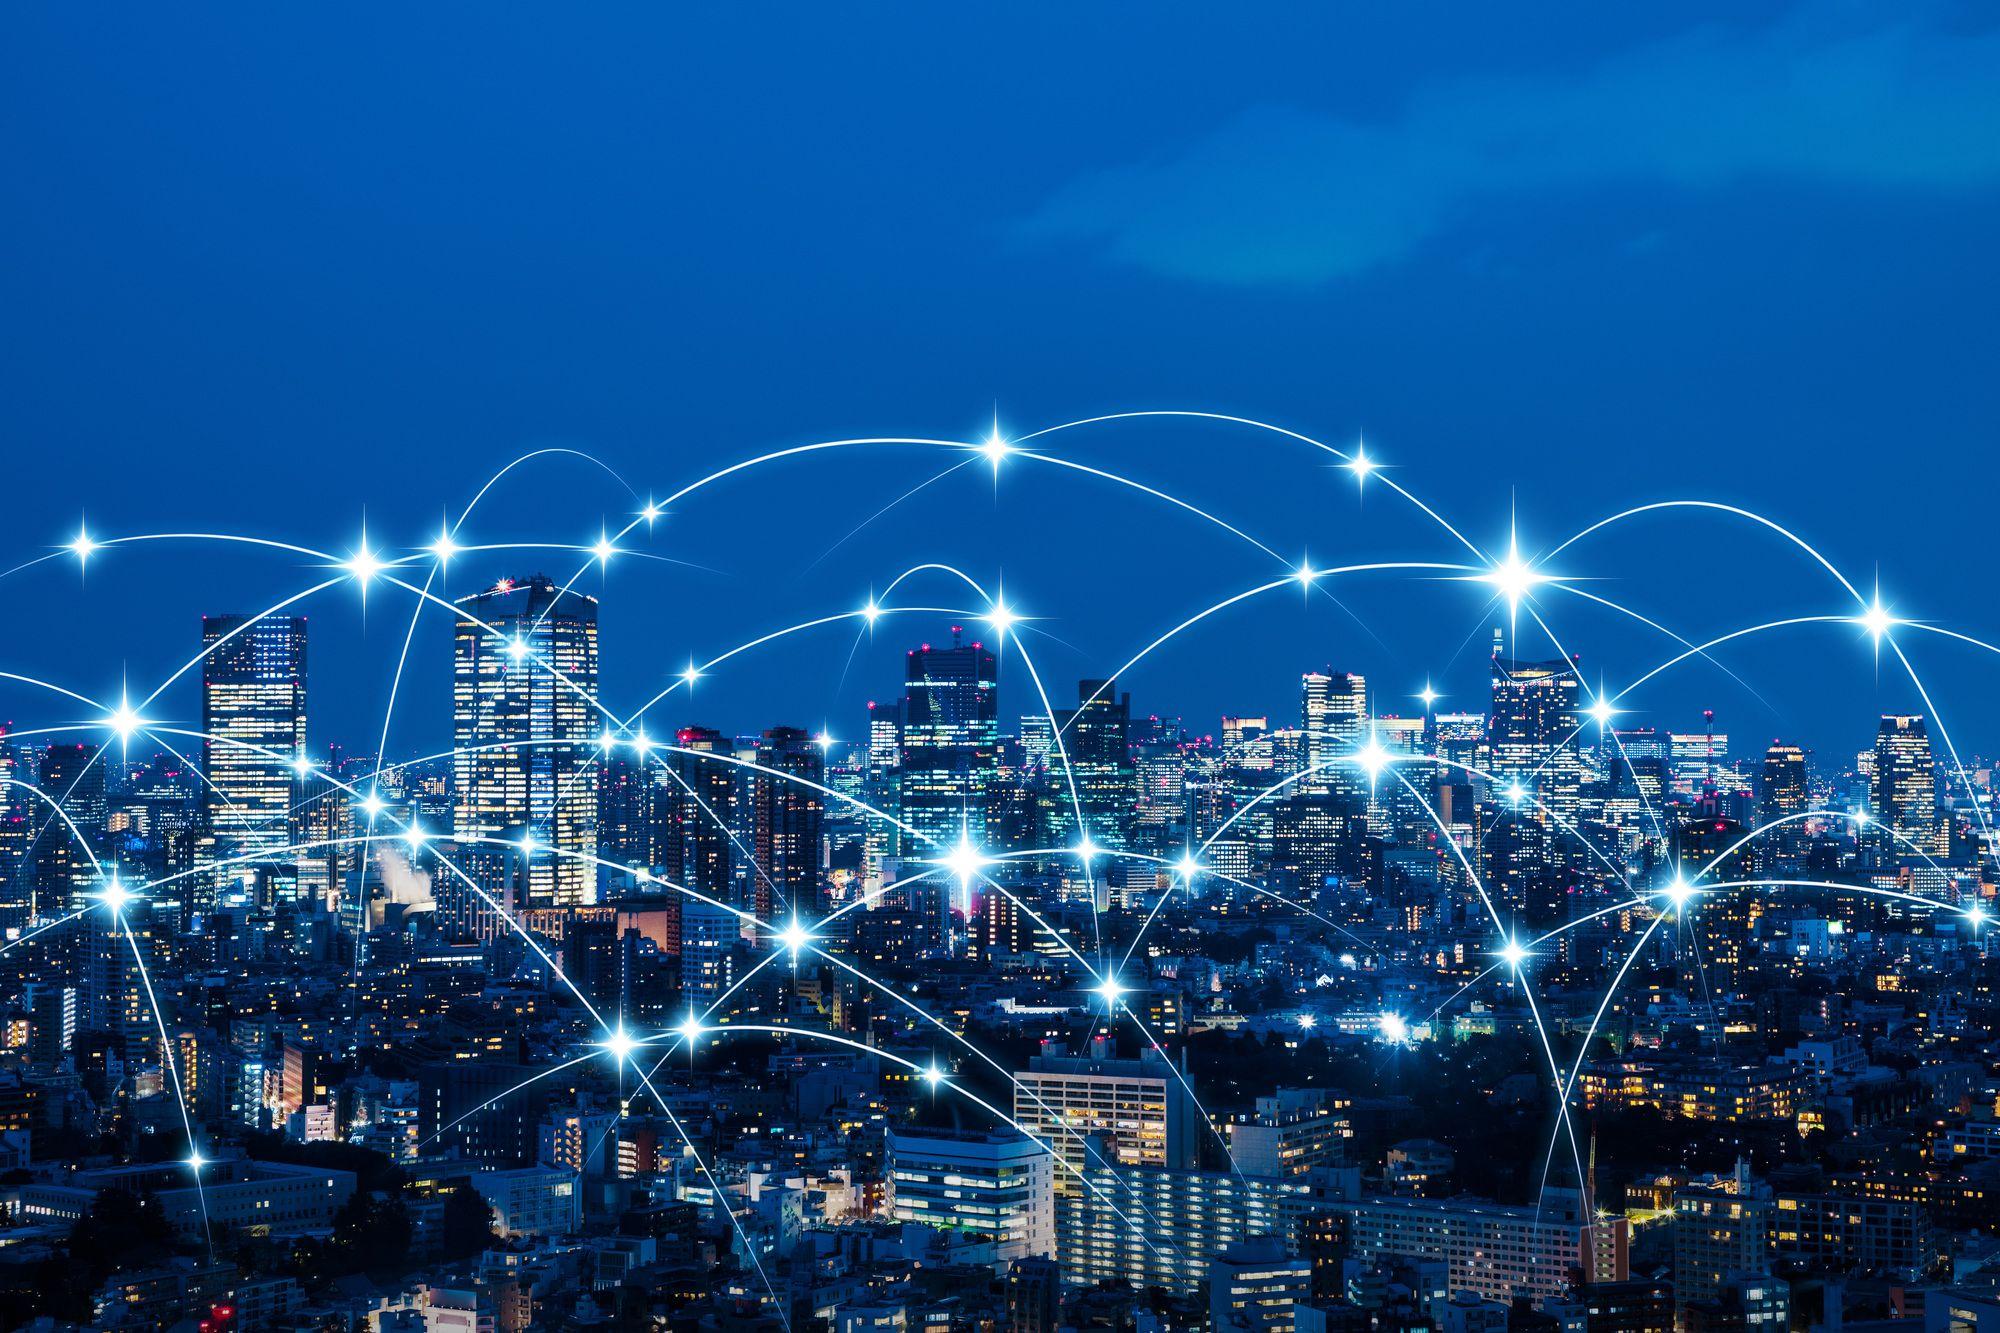 日本企業の技術力を支えるデータ流通基盤をどう作るか。東芝・富士通などの声